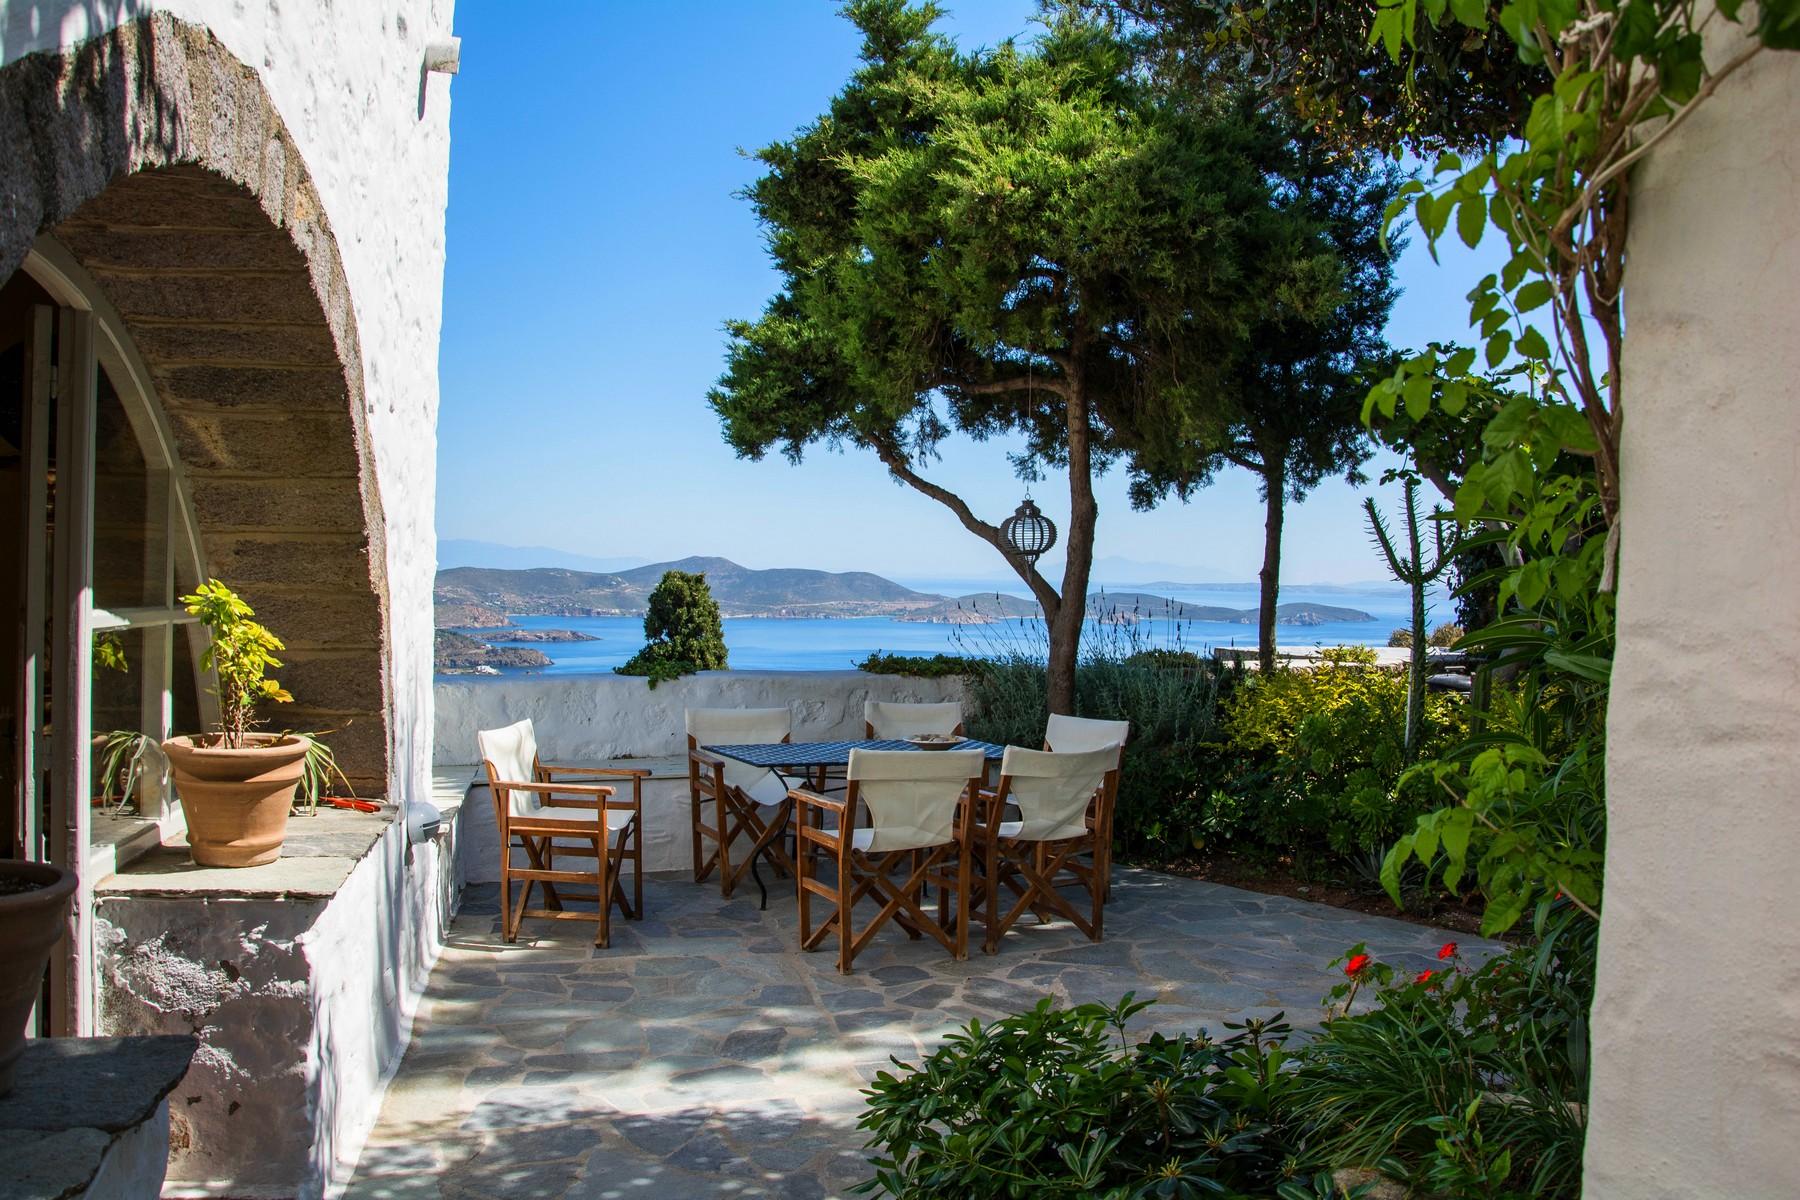 可出售的物业 Patmos